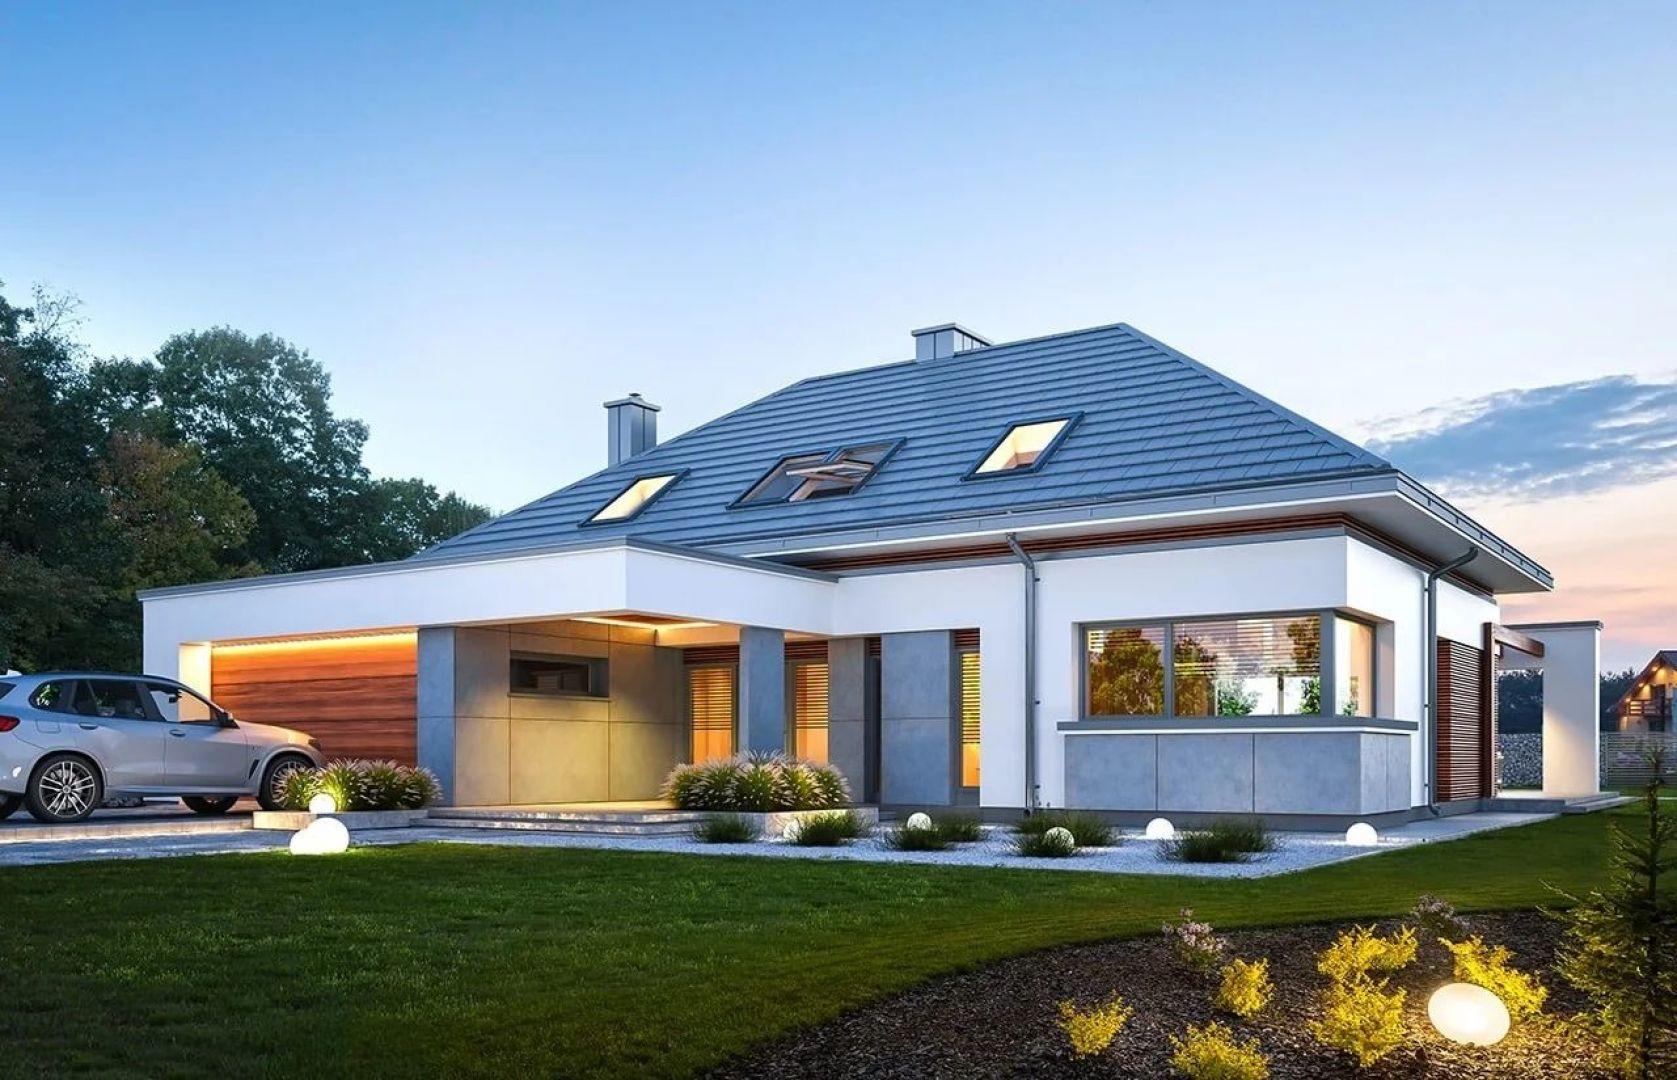 Projekt parterowego domu z poddaszem użytkowym, zwieńczonego wielospadowym dachem. Nazwa projektu: Hiacynt. Projekt wykonano w Pracowni MG Projekt